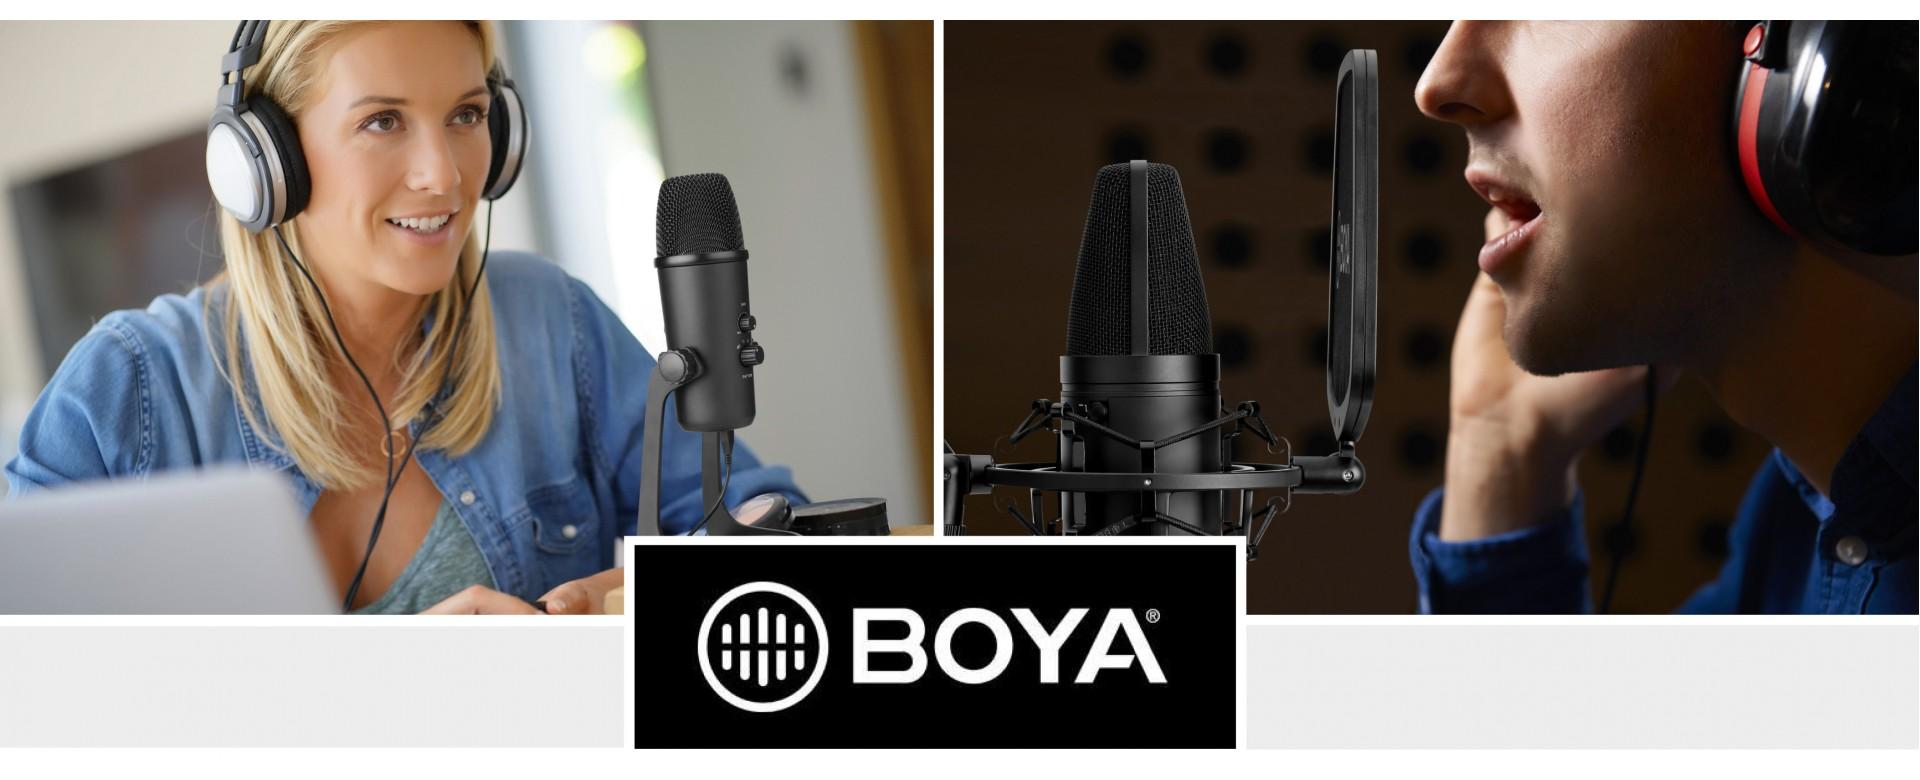 boya2019